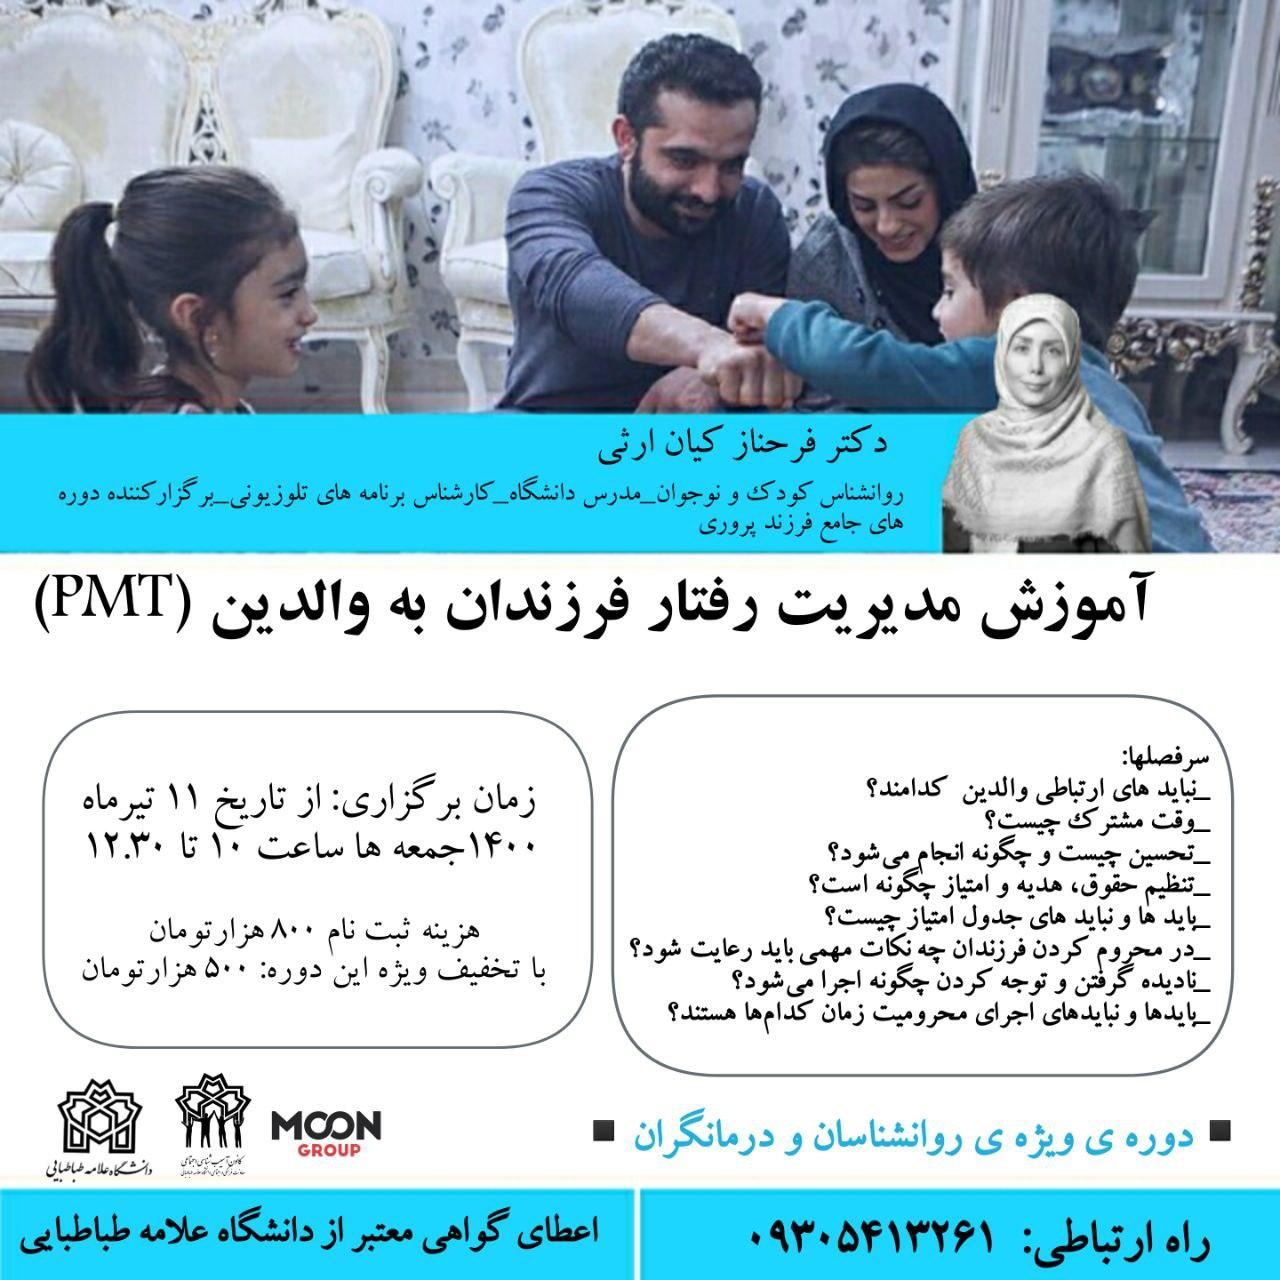 دوره آموزش مدیریت رفتار فرزندان (pmt)